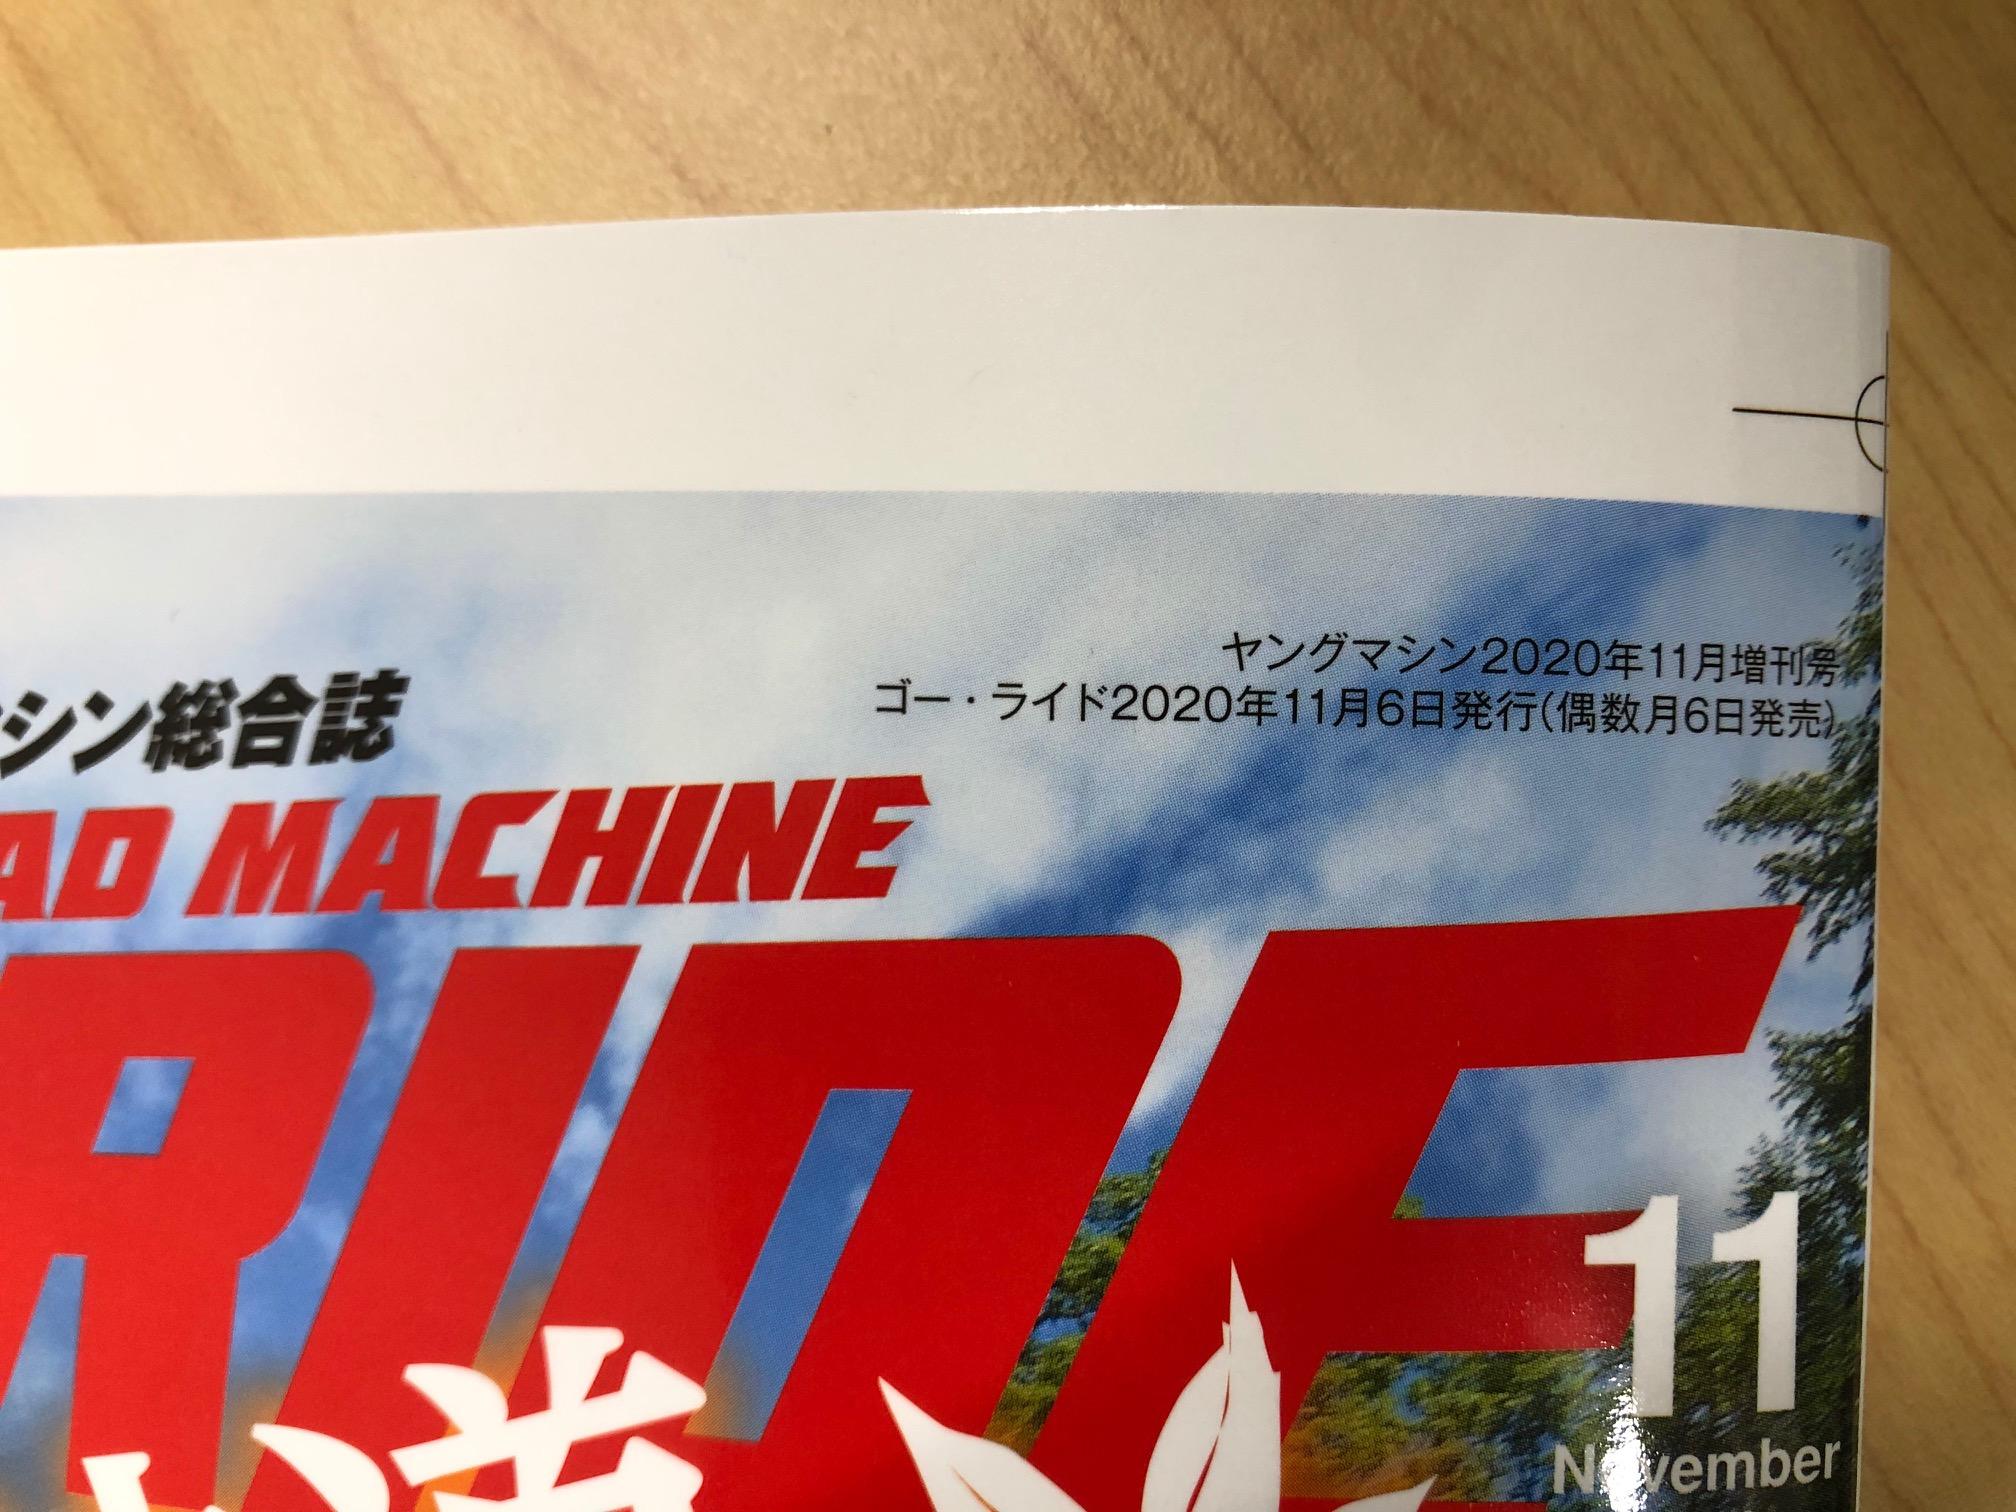 ゴー・ライド次号は10月6日に発売です!